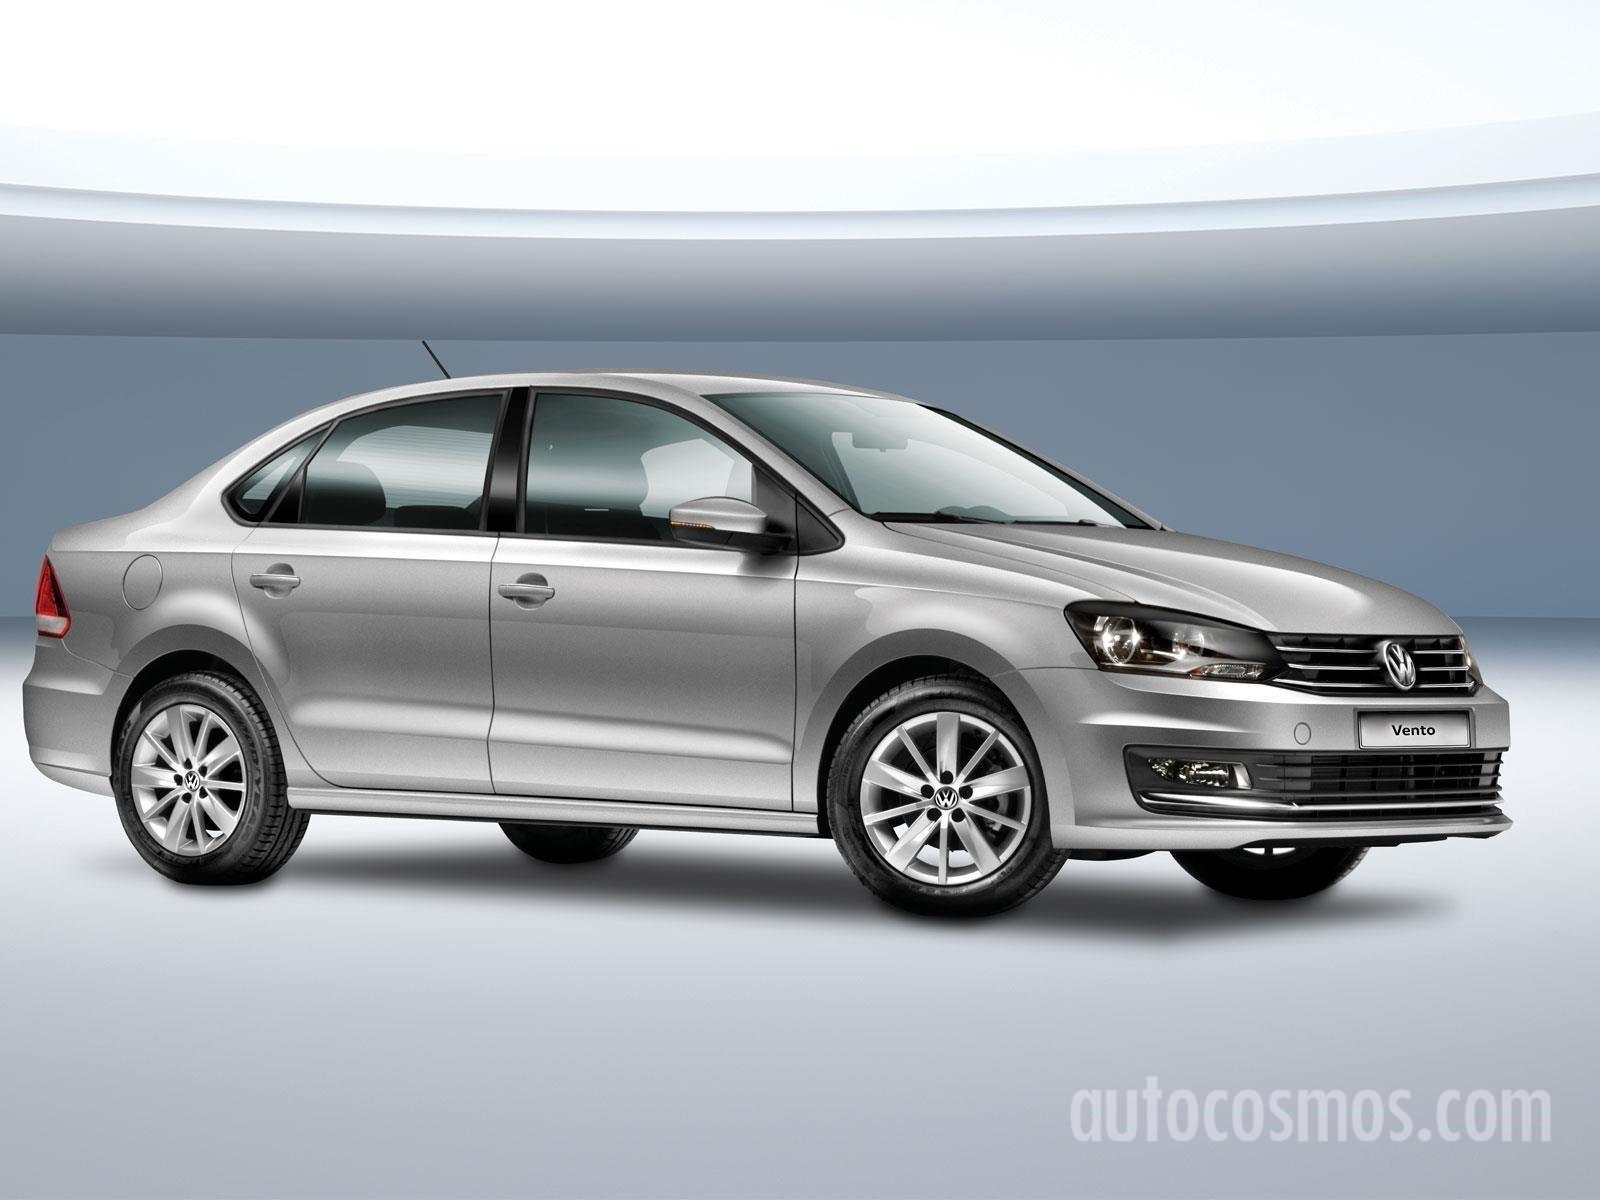 Volkswagen Vento Tdi 2018 Llega A M 233 Xico Desde 251 990